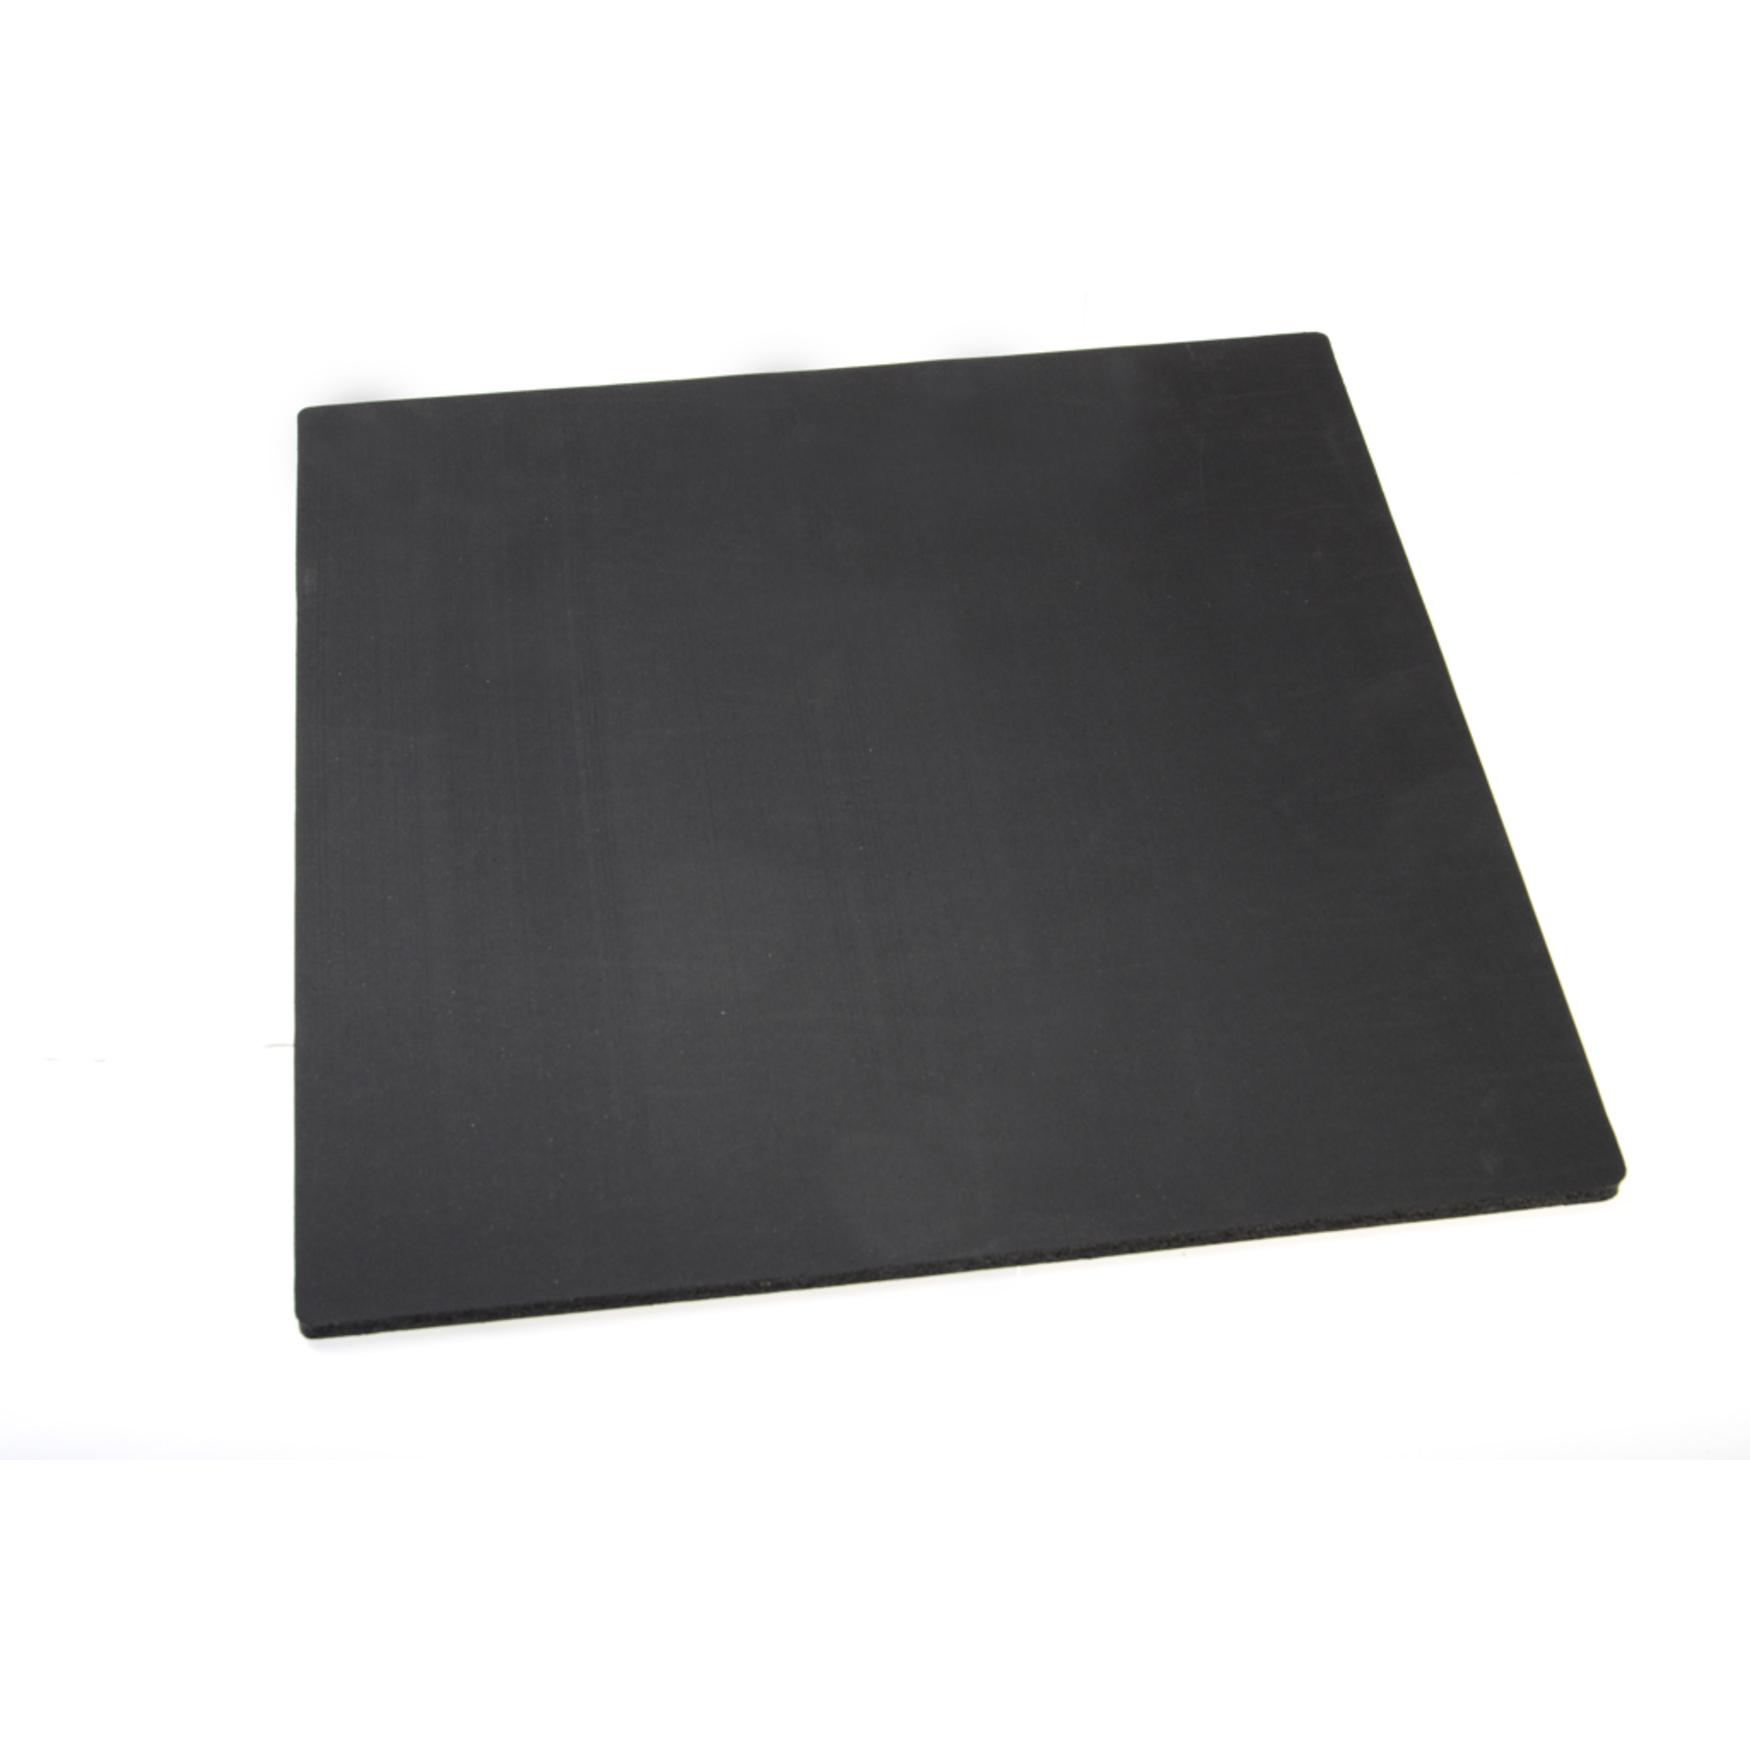 Feuille de mousse de silicone 40cm x 50cm